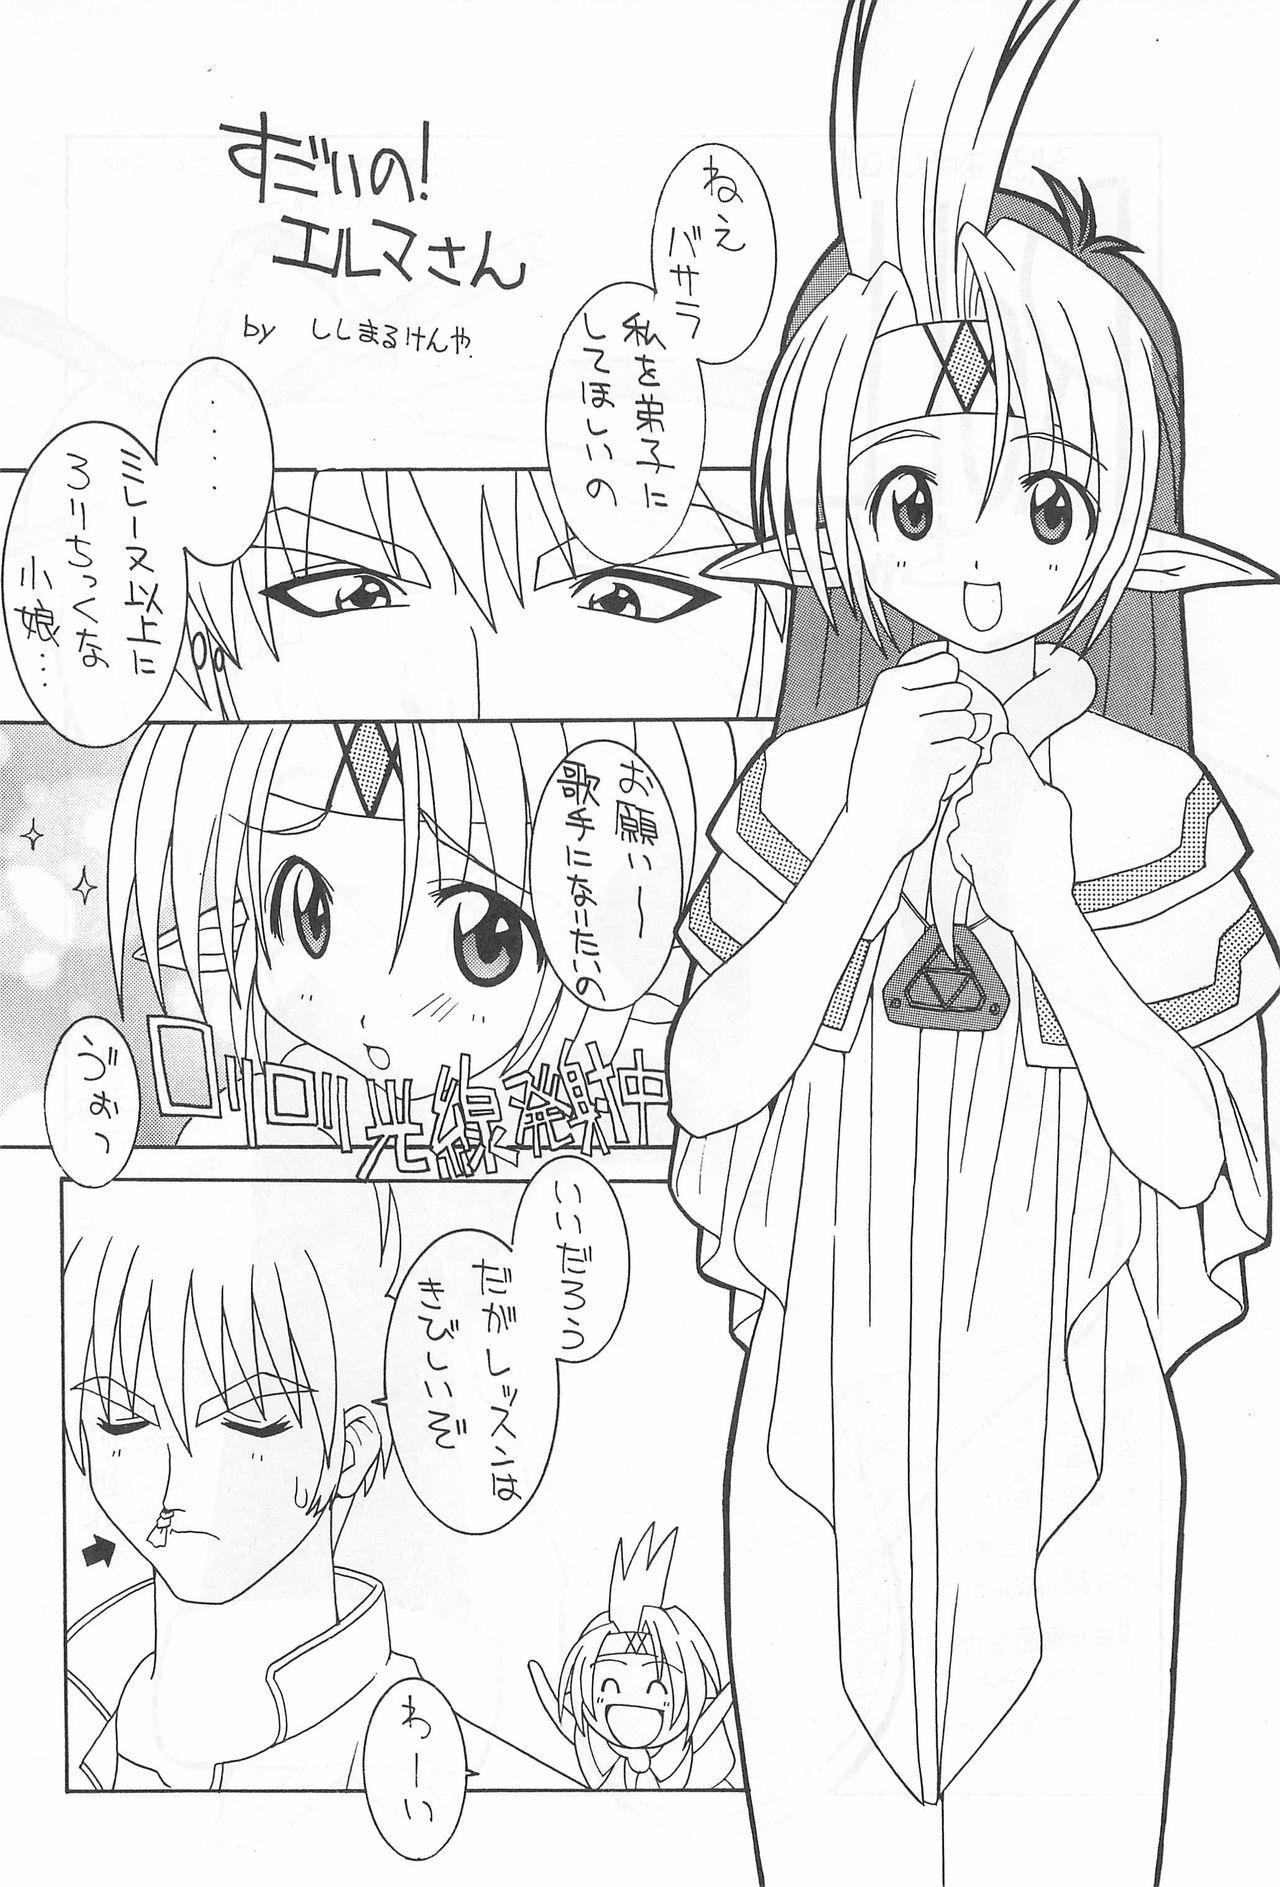 Soko da! Ninpou Youjitaikei no Jutsu EX 19